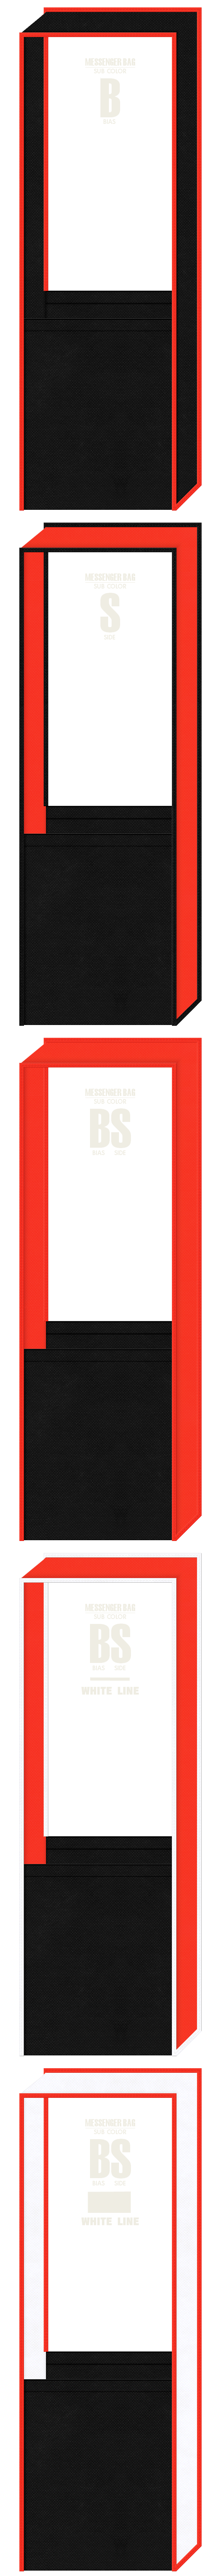 不織布メッセンジャーバッグのカラーシミュレーション(黒色・オレンジ色・白色):スポーツイベントにお奨めです。